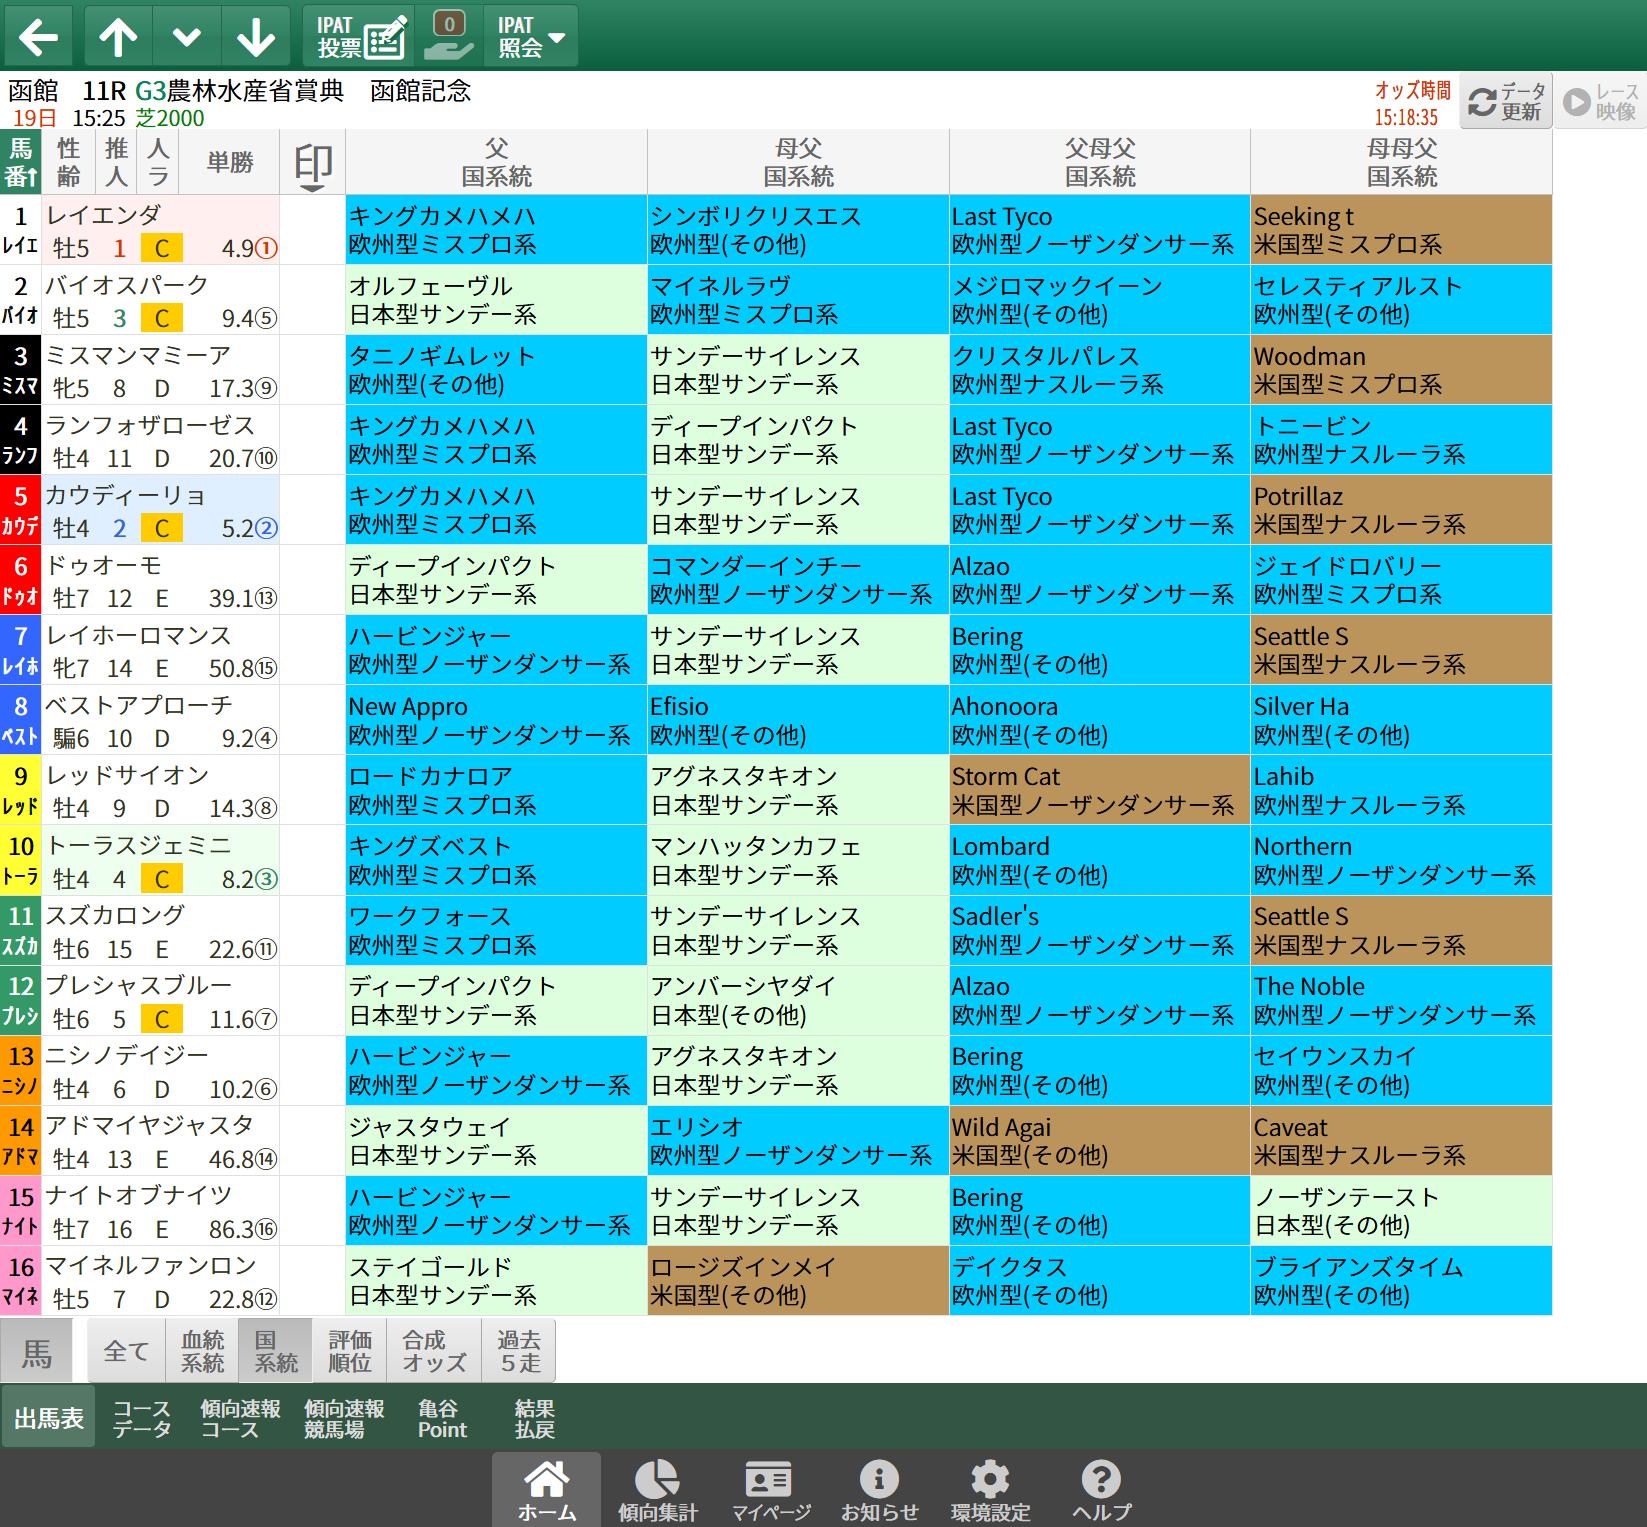 【無料公開】函館記念/ 亀谷サロン限定公開中のスマート出馬表・次期バージョン